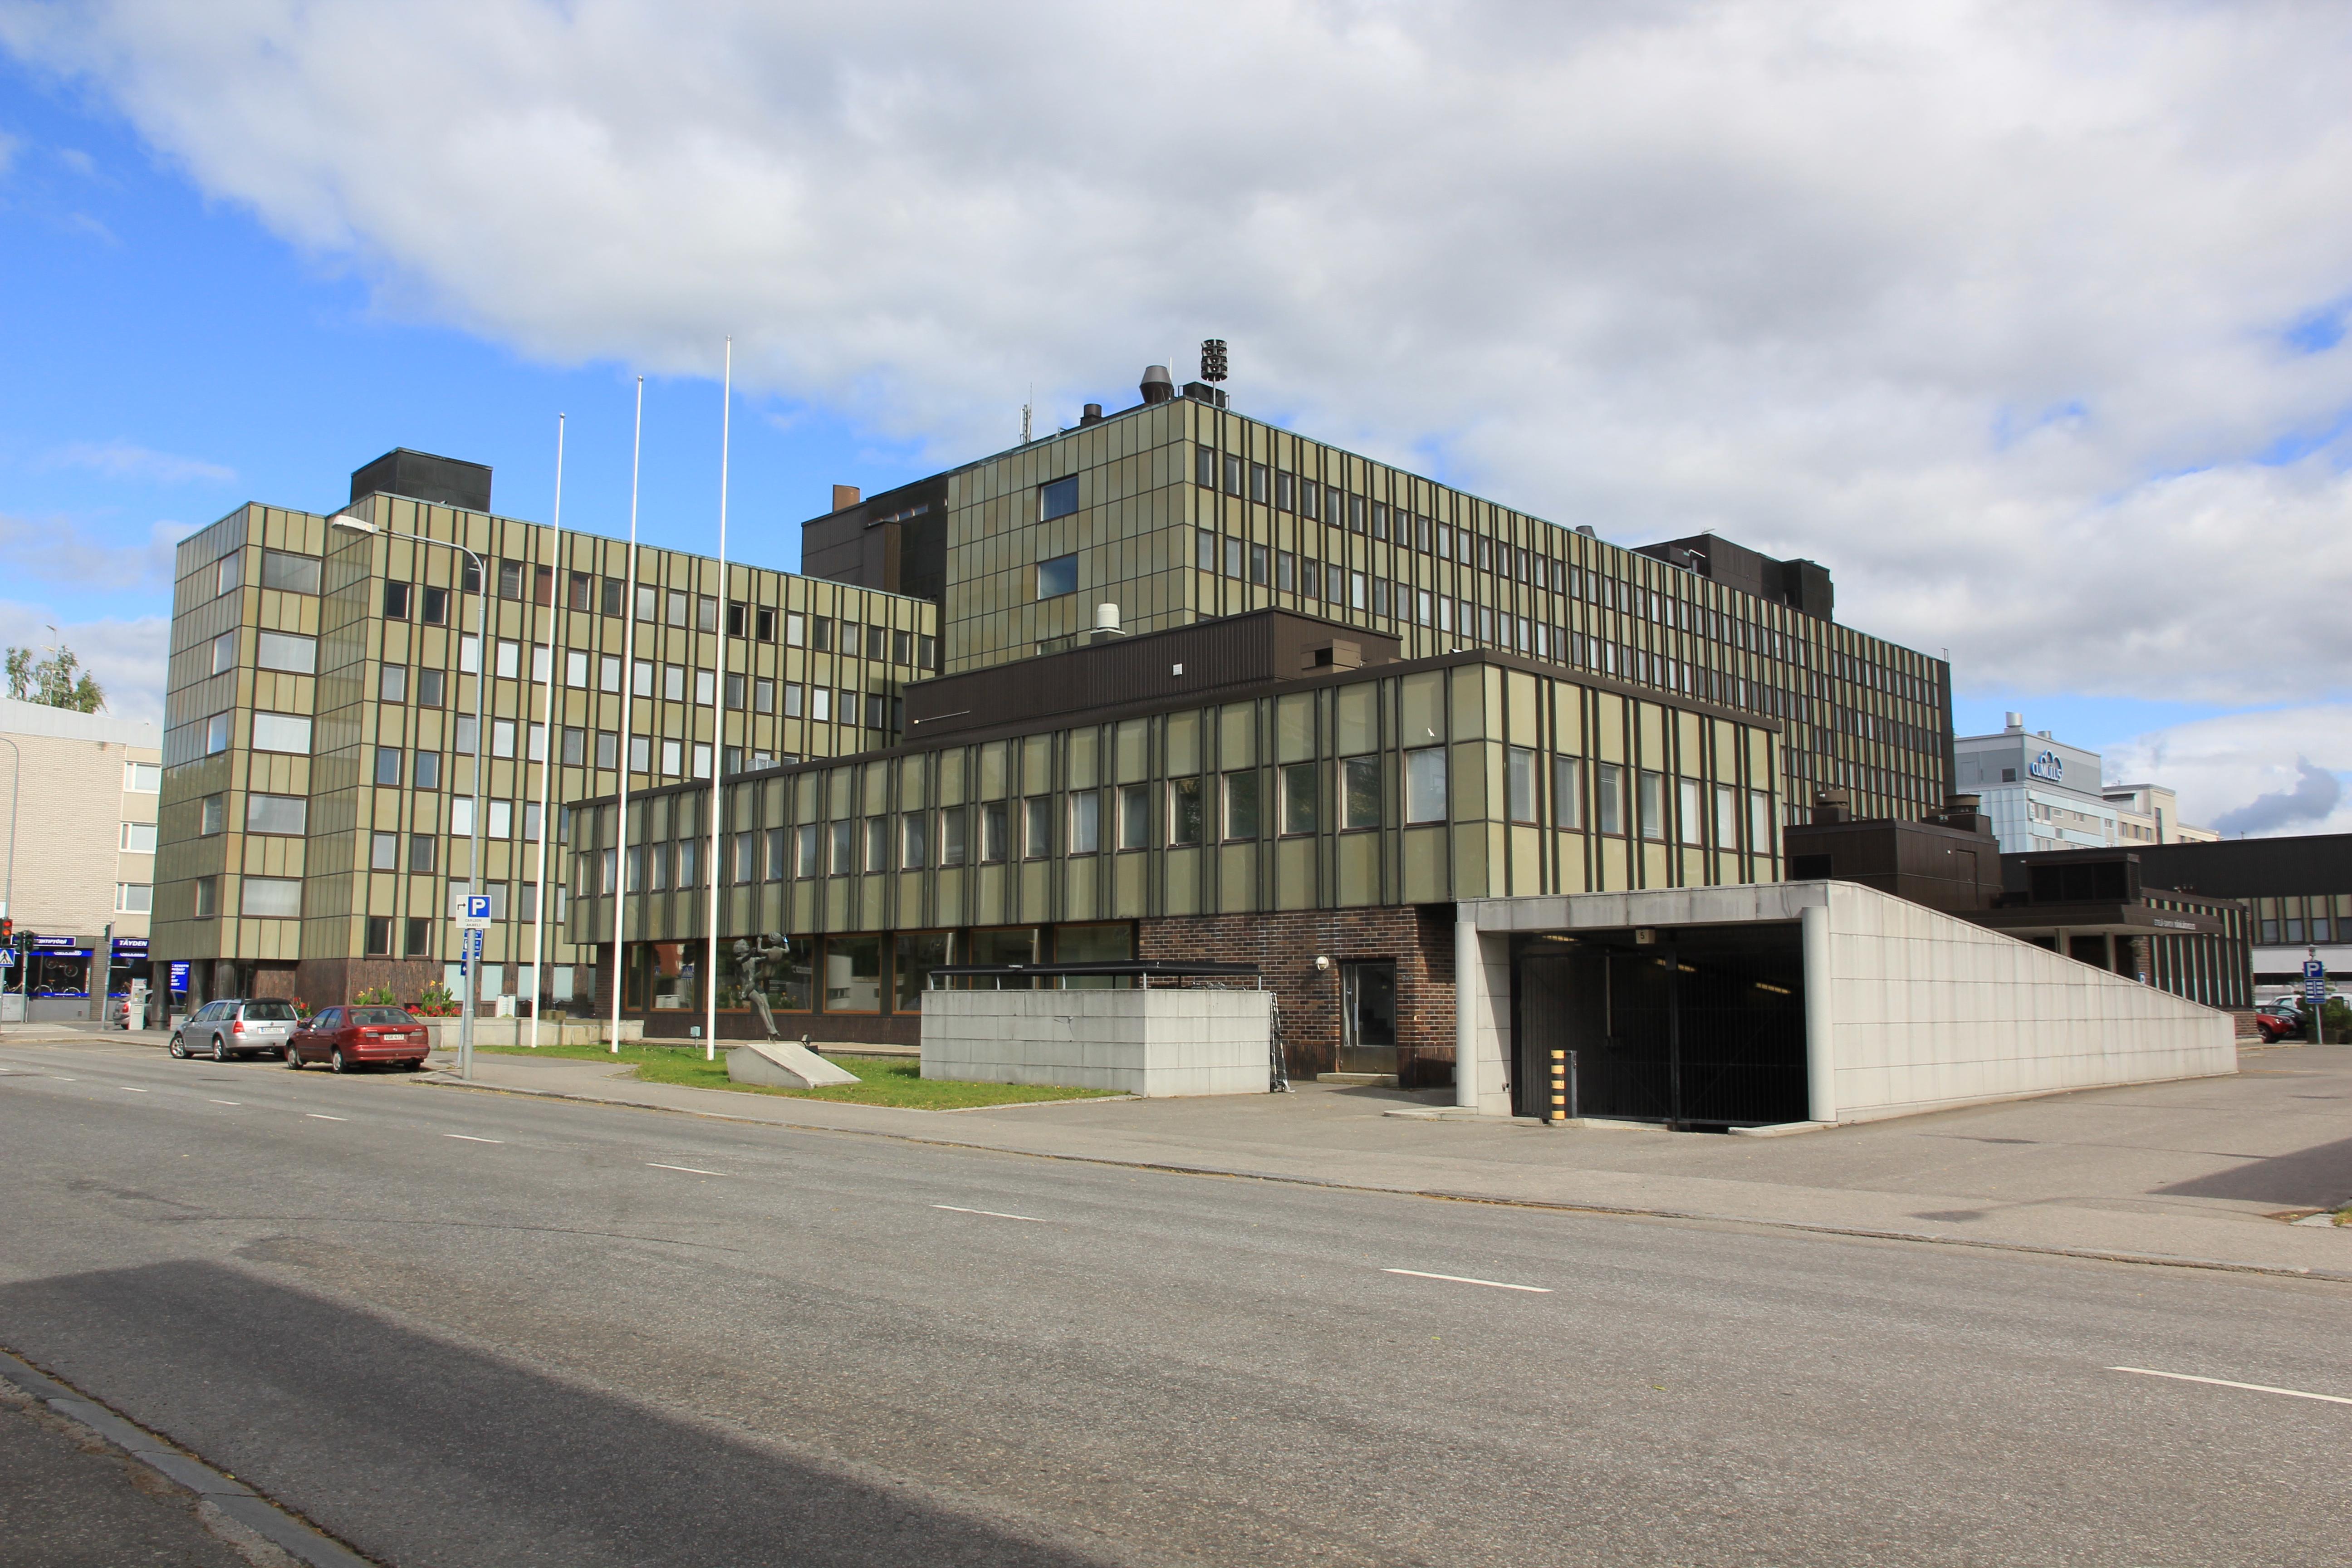 Joensuun Poliisiasema